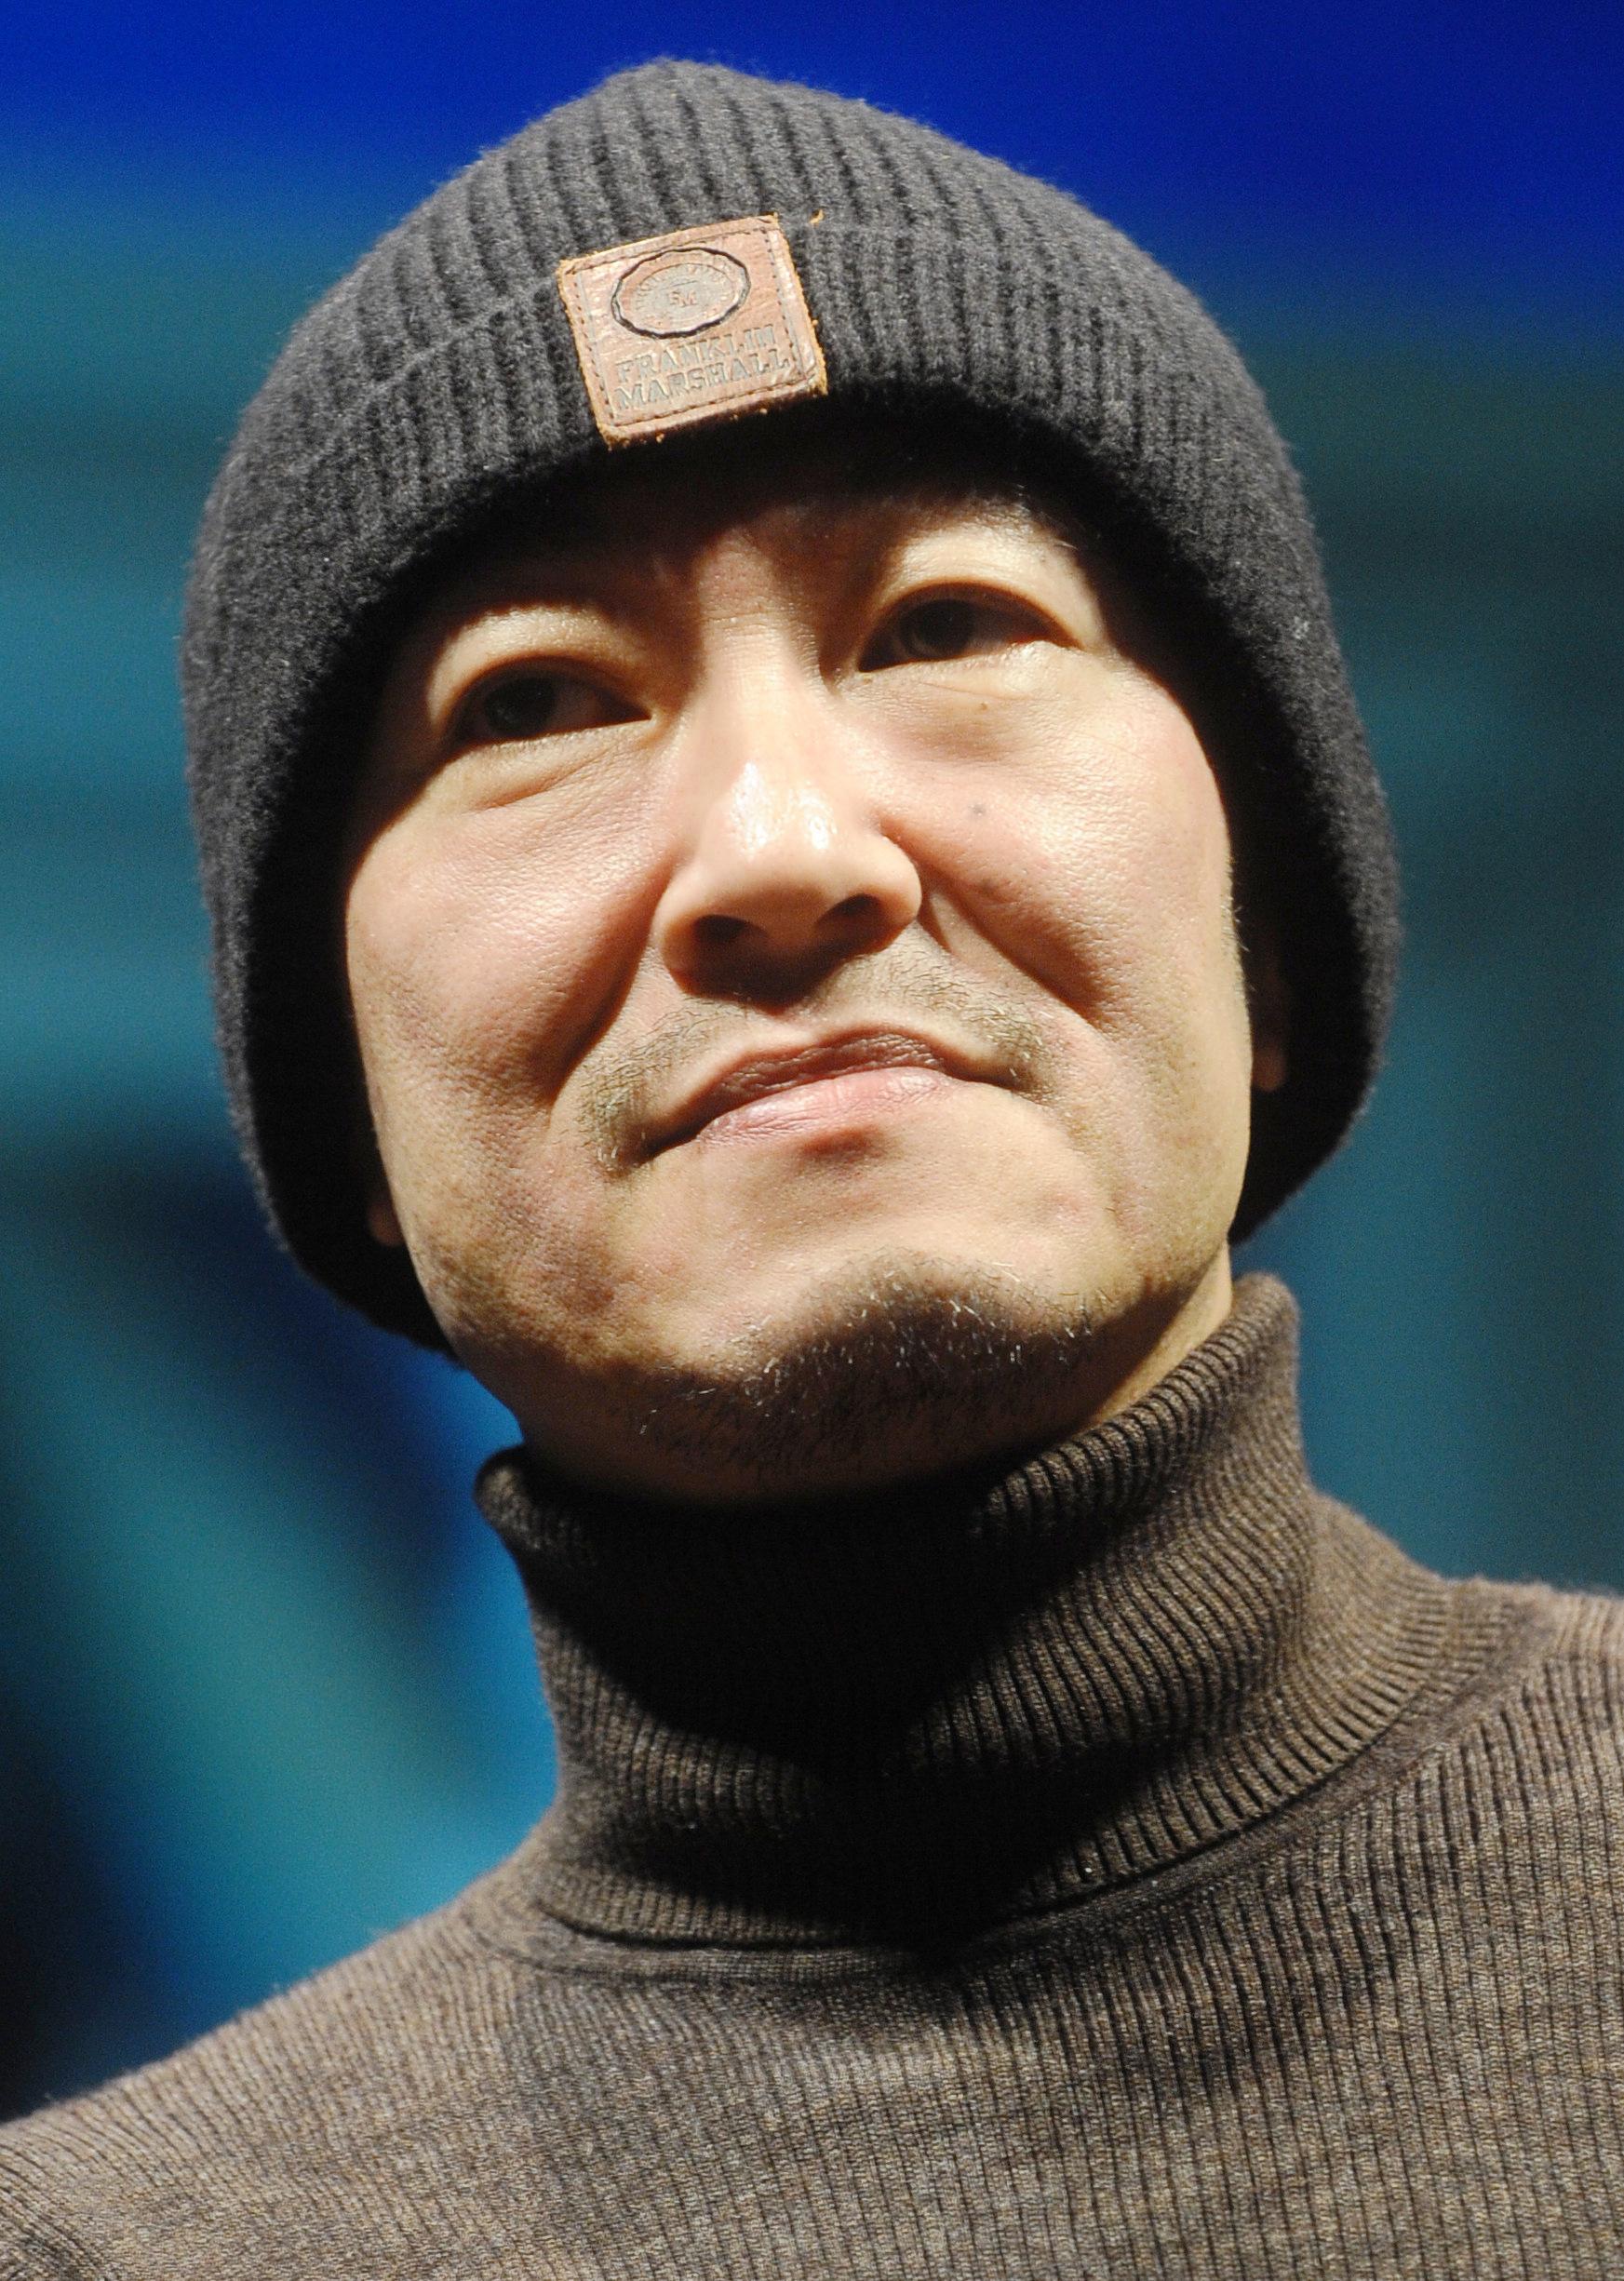 Photo Masakazu Katsura via Opendata BNF